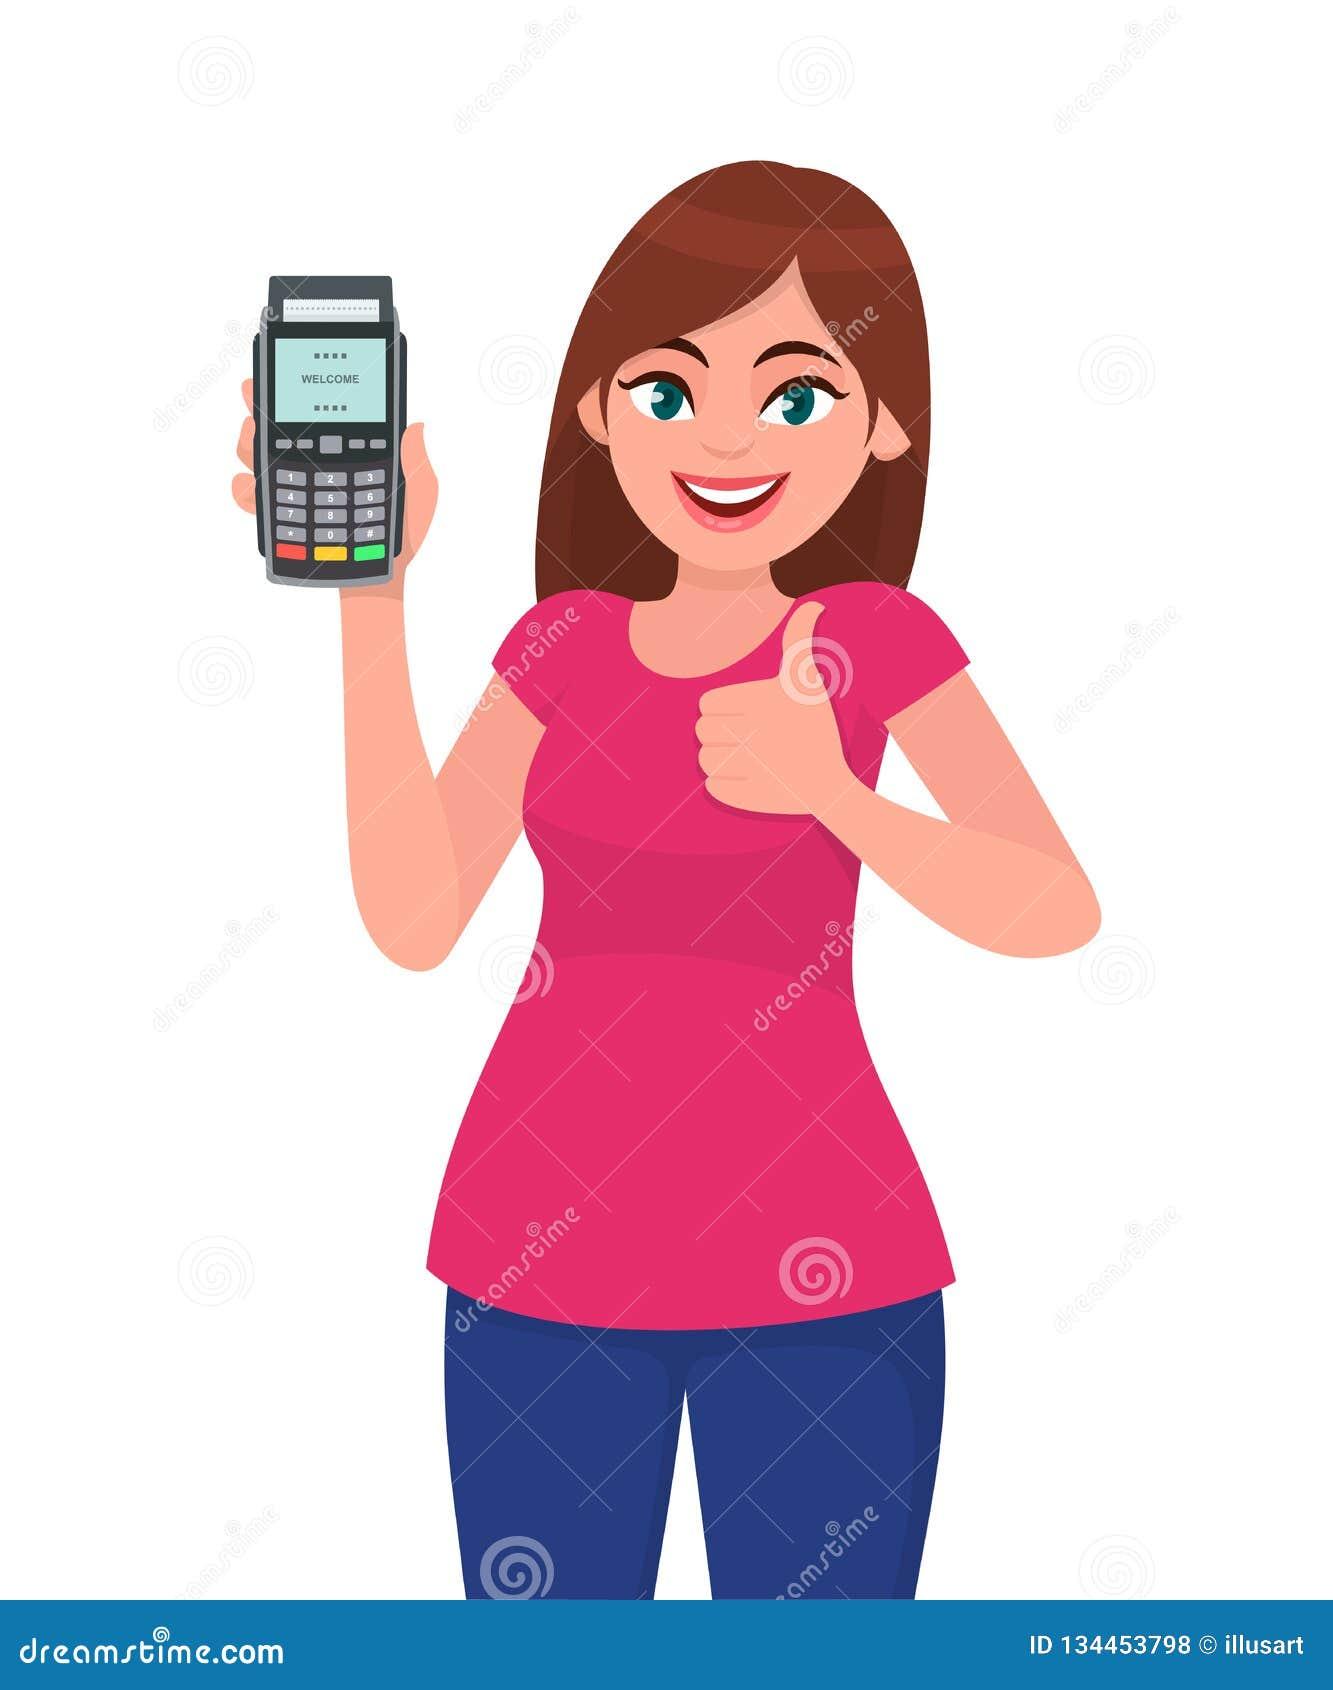 Demostración de la mujer joven/crédito/tarjetas de débito del pago de la posición de la tenencia terminal o que birlan la máquina